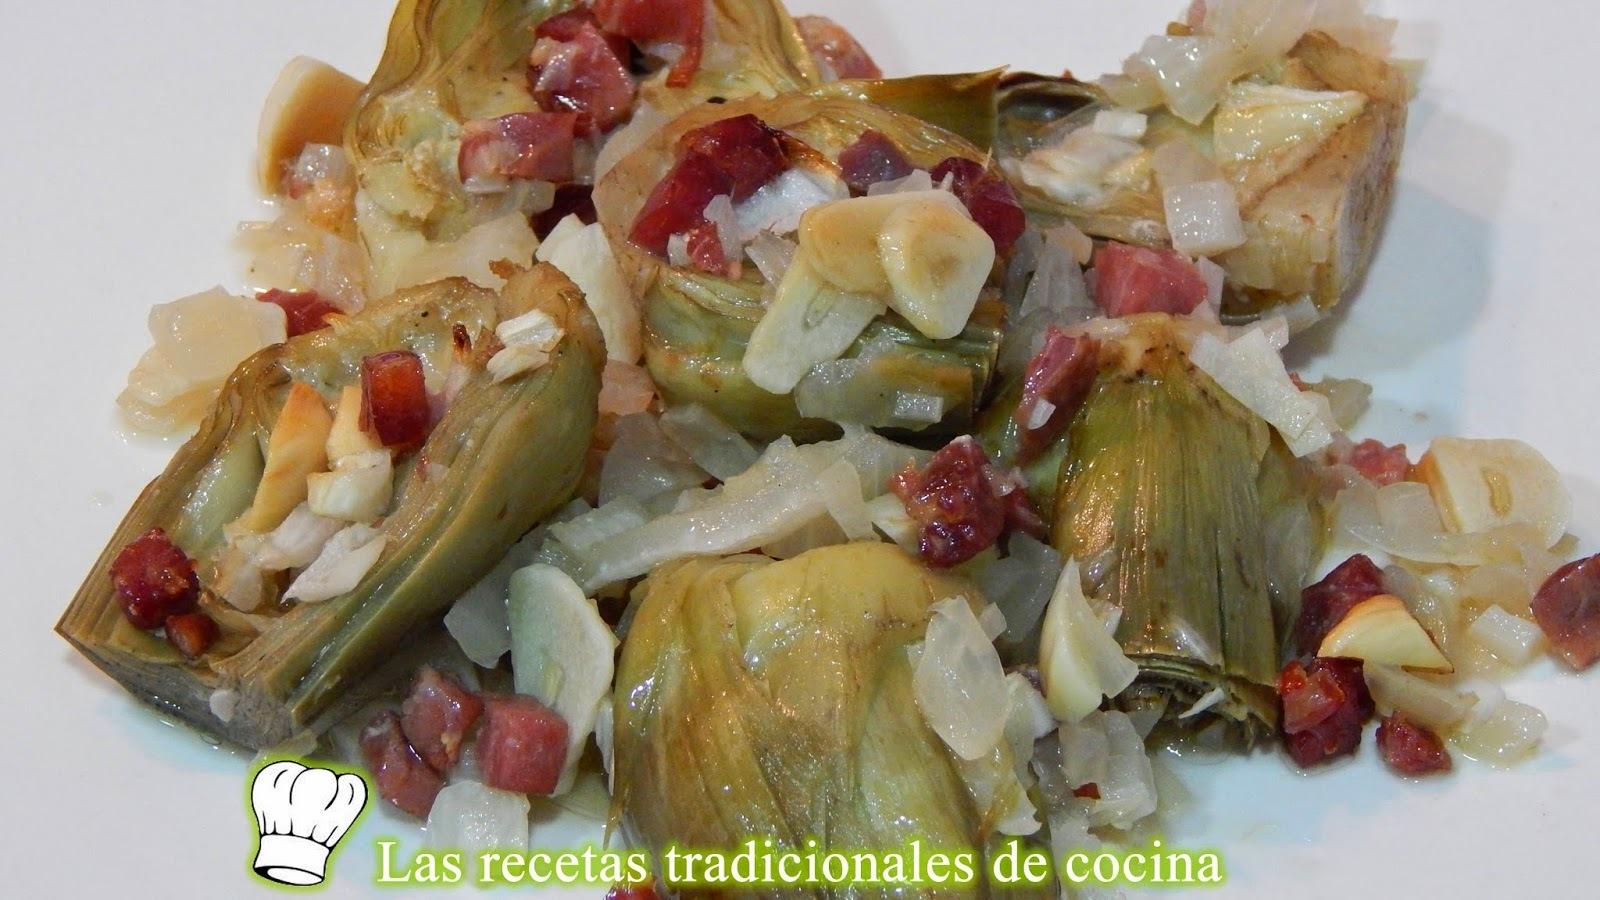 Receta fácil de alcachofas al horno con jamón